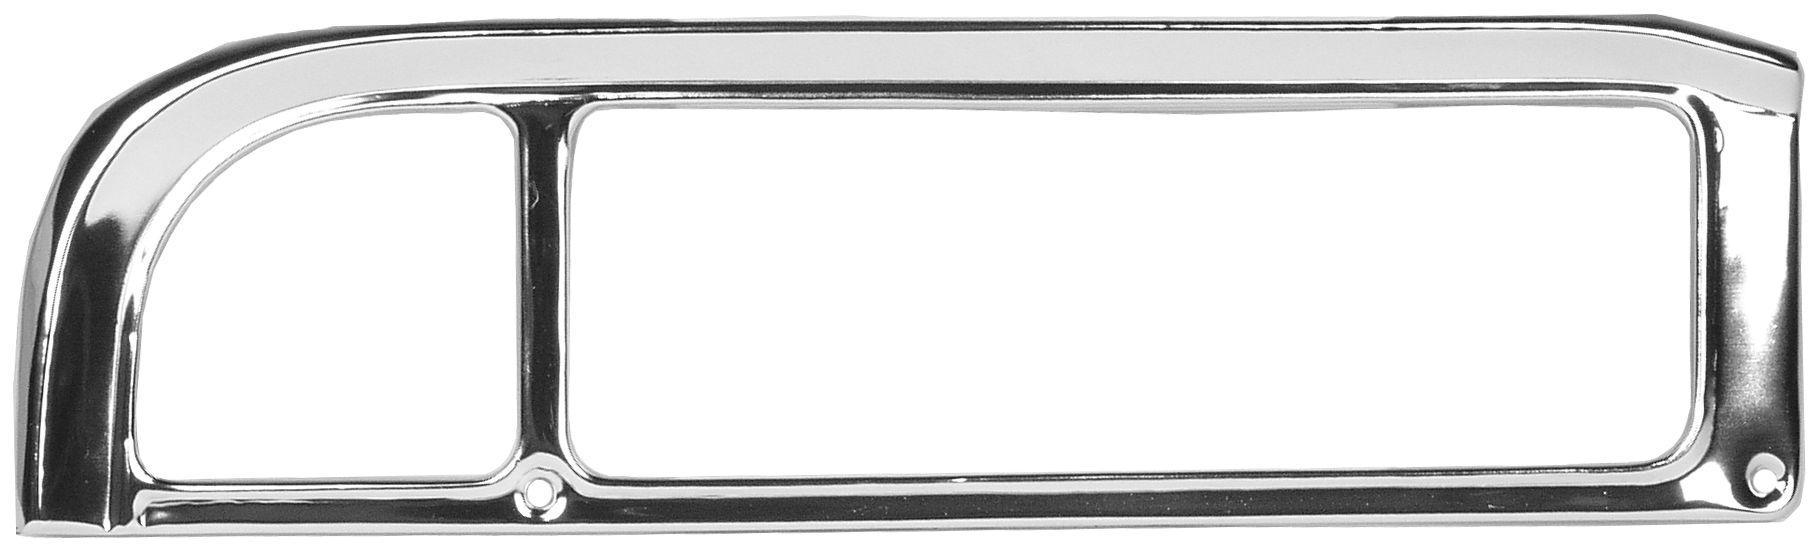 1967-72 GM truck tail light bezel